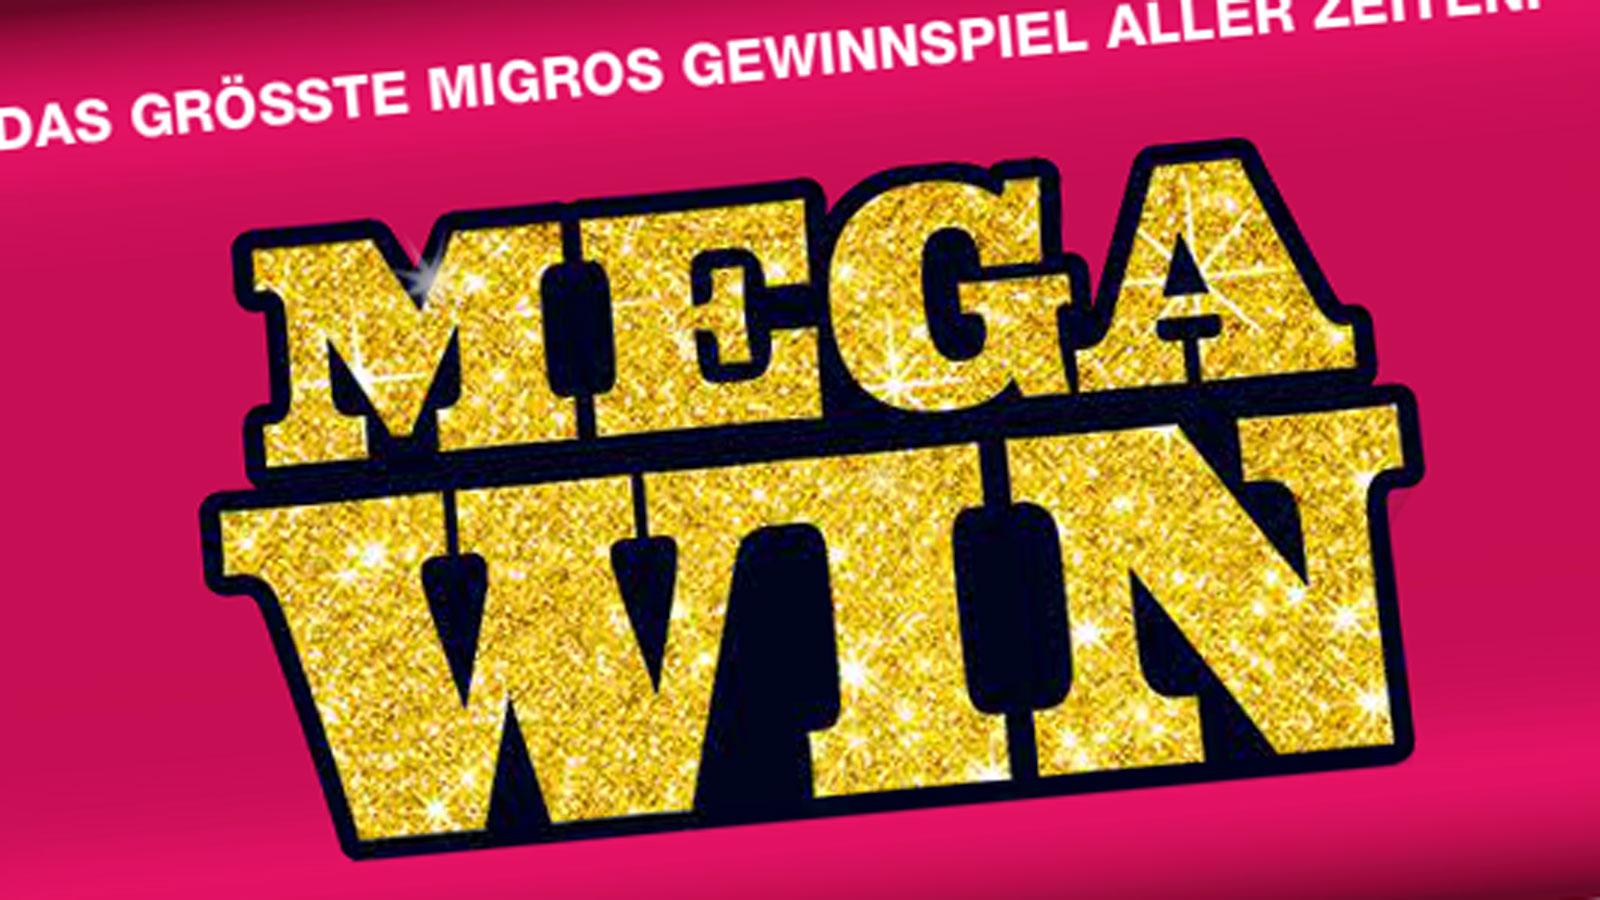 Nutzt «Mega Win» der Migros?